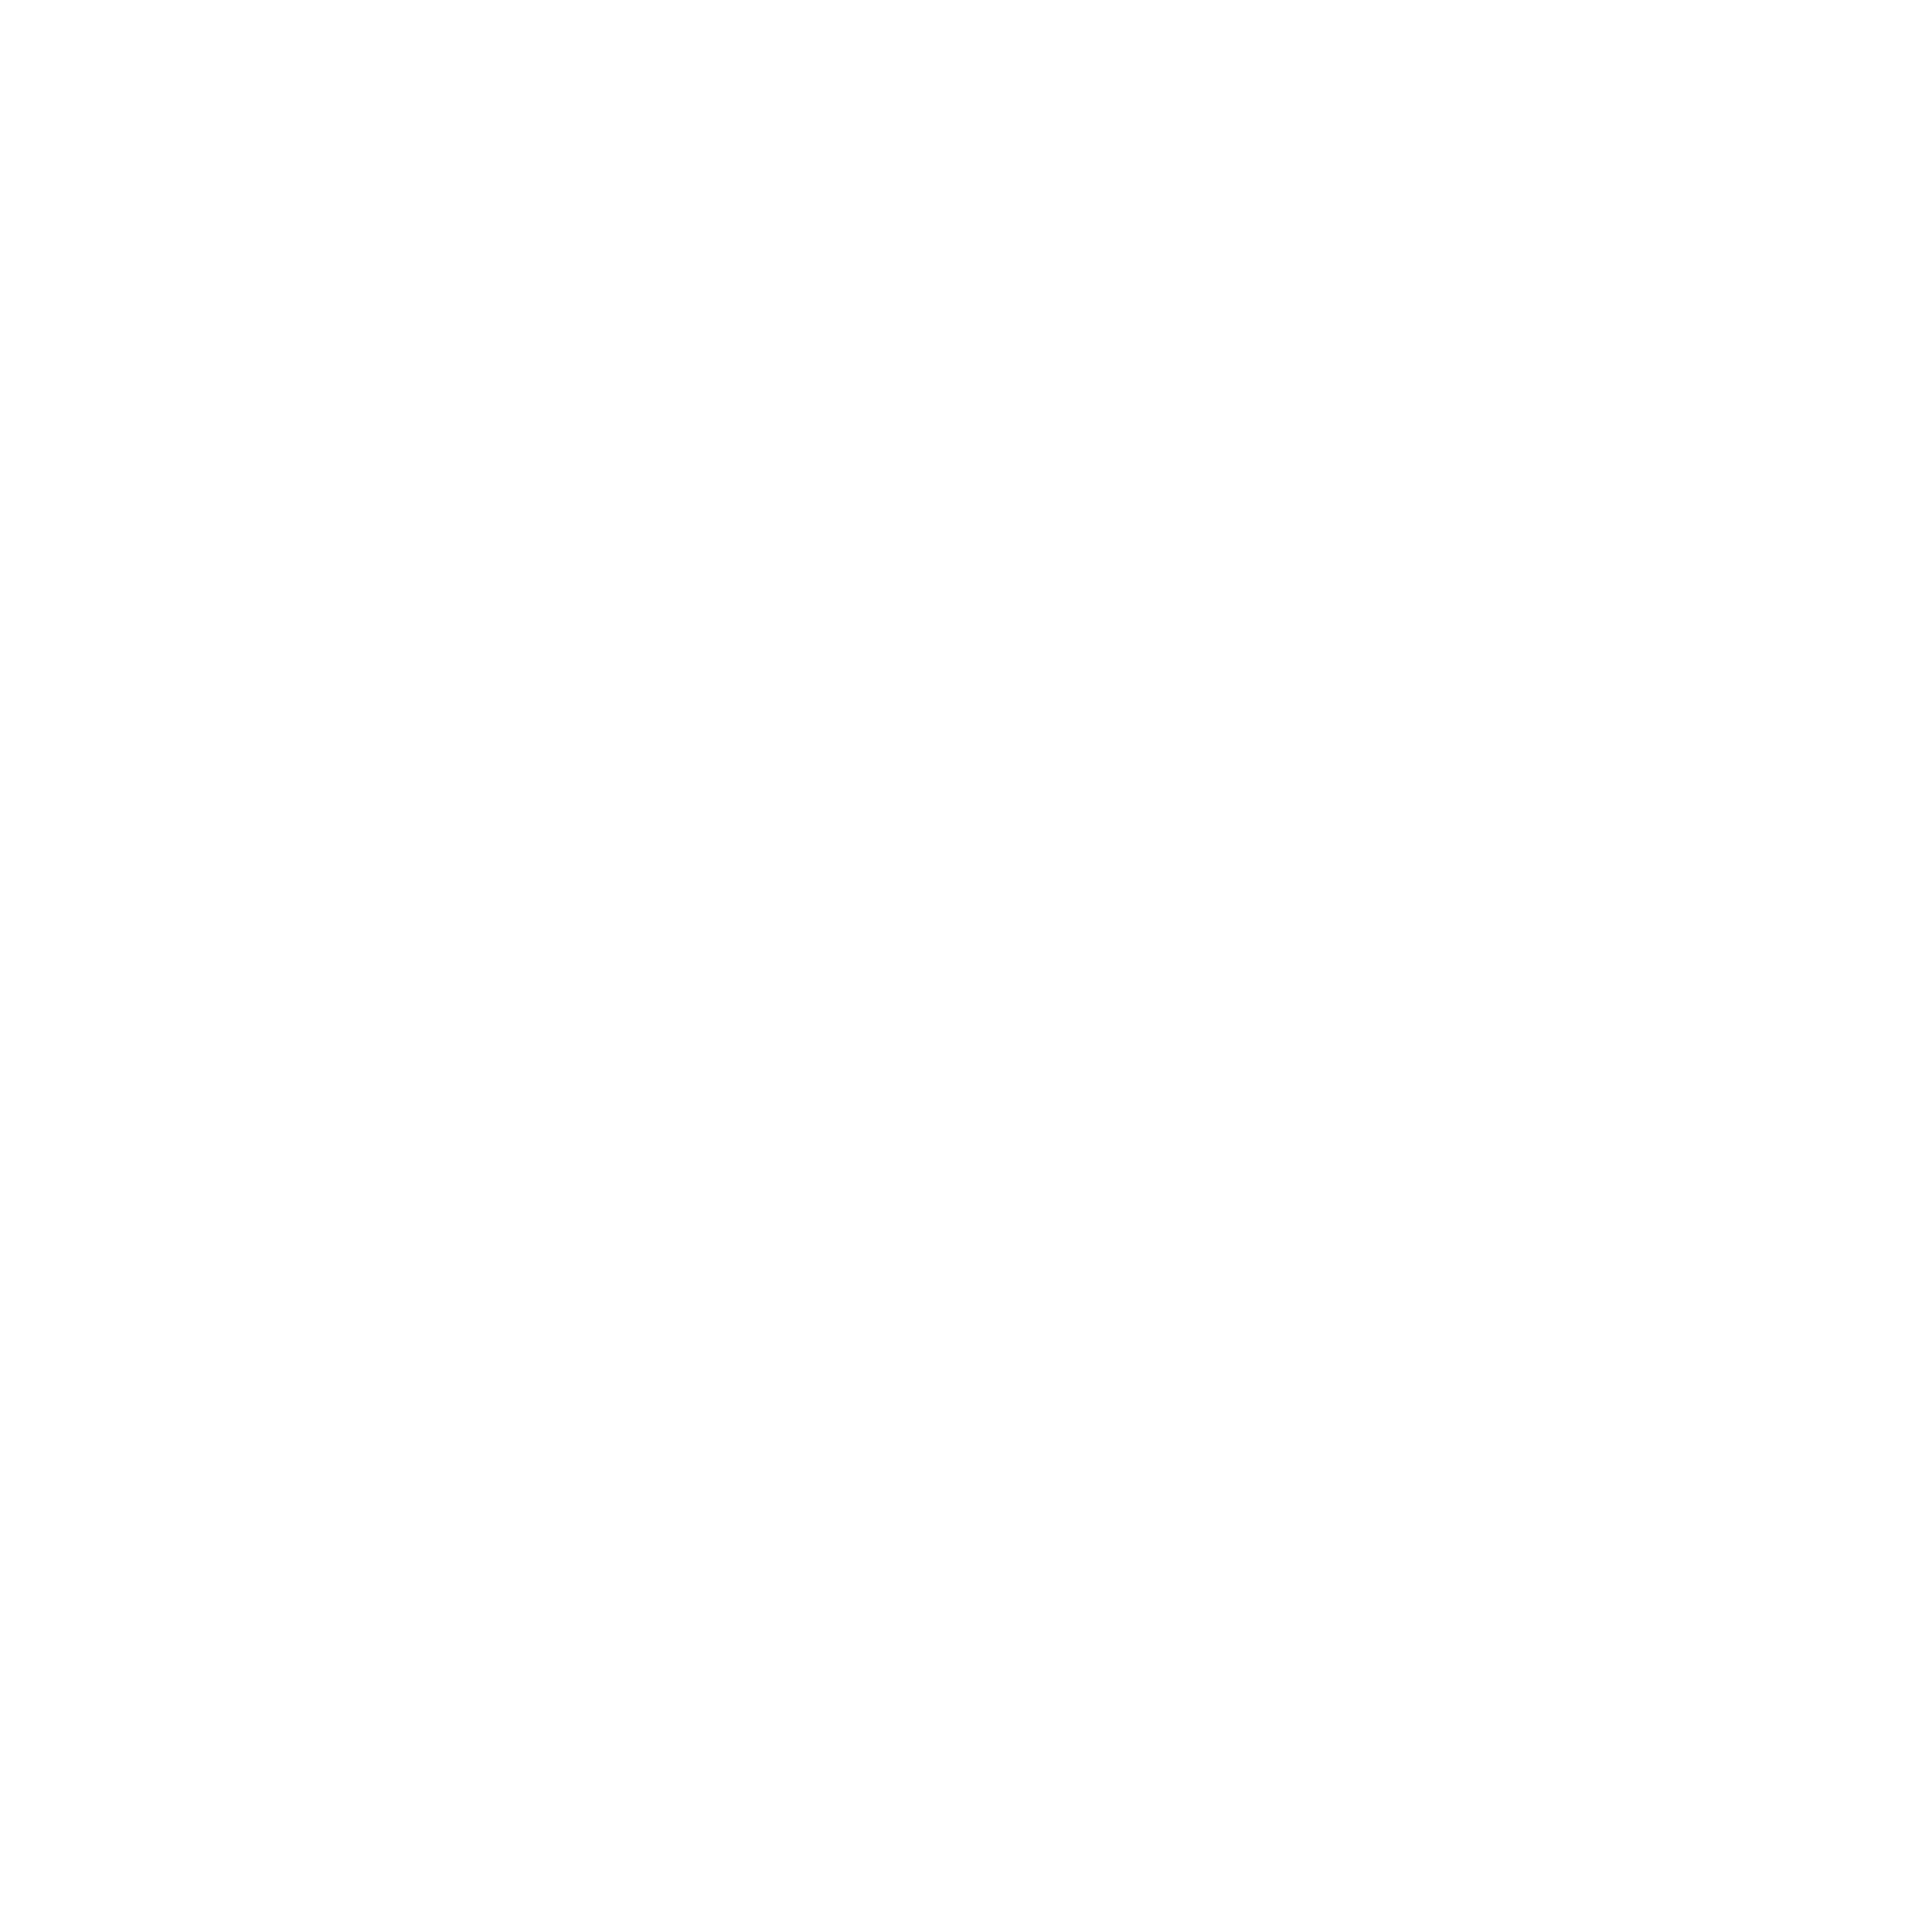 HIS Envoys Group